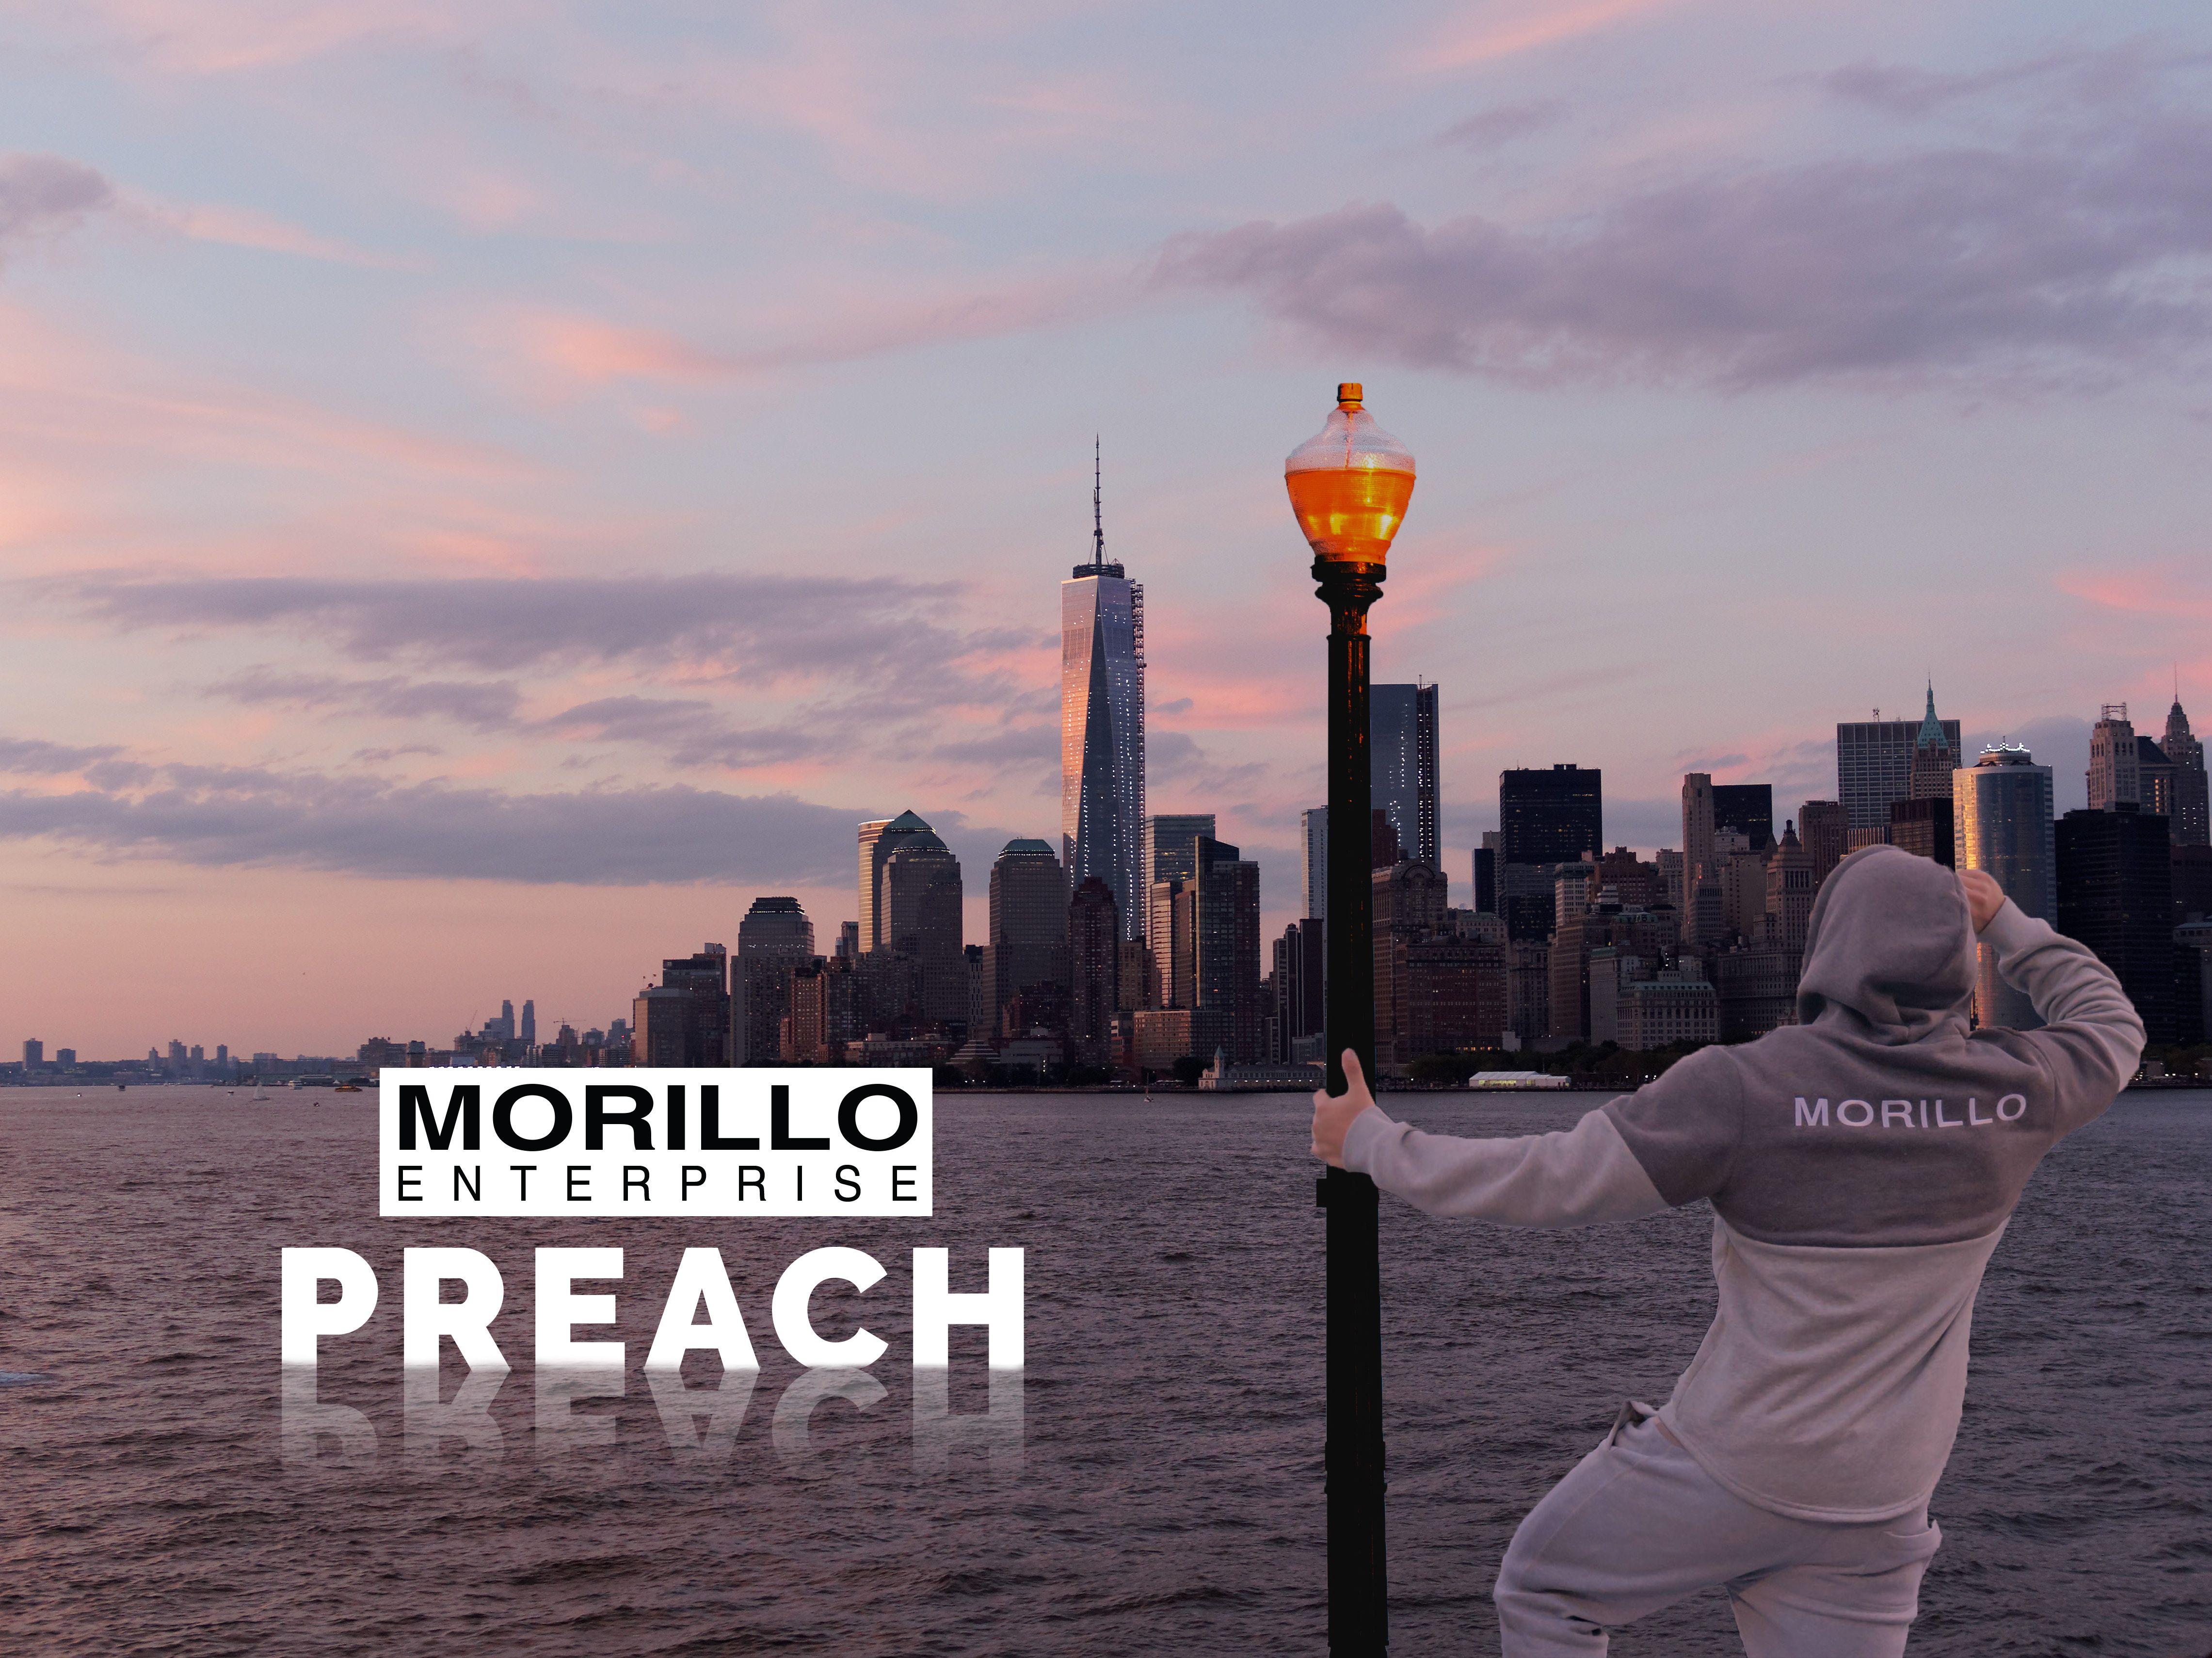 c58ba0f5 Exploit your IDEAS, SUCCESS isn't far away. PREACH by MORILLO ENTERPRISE is